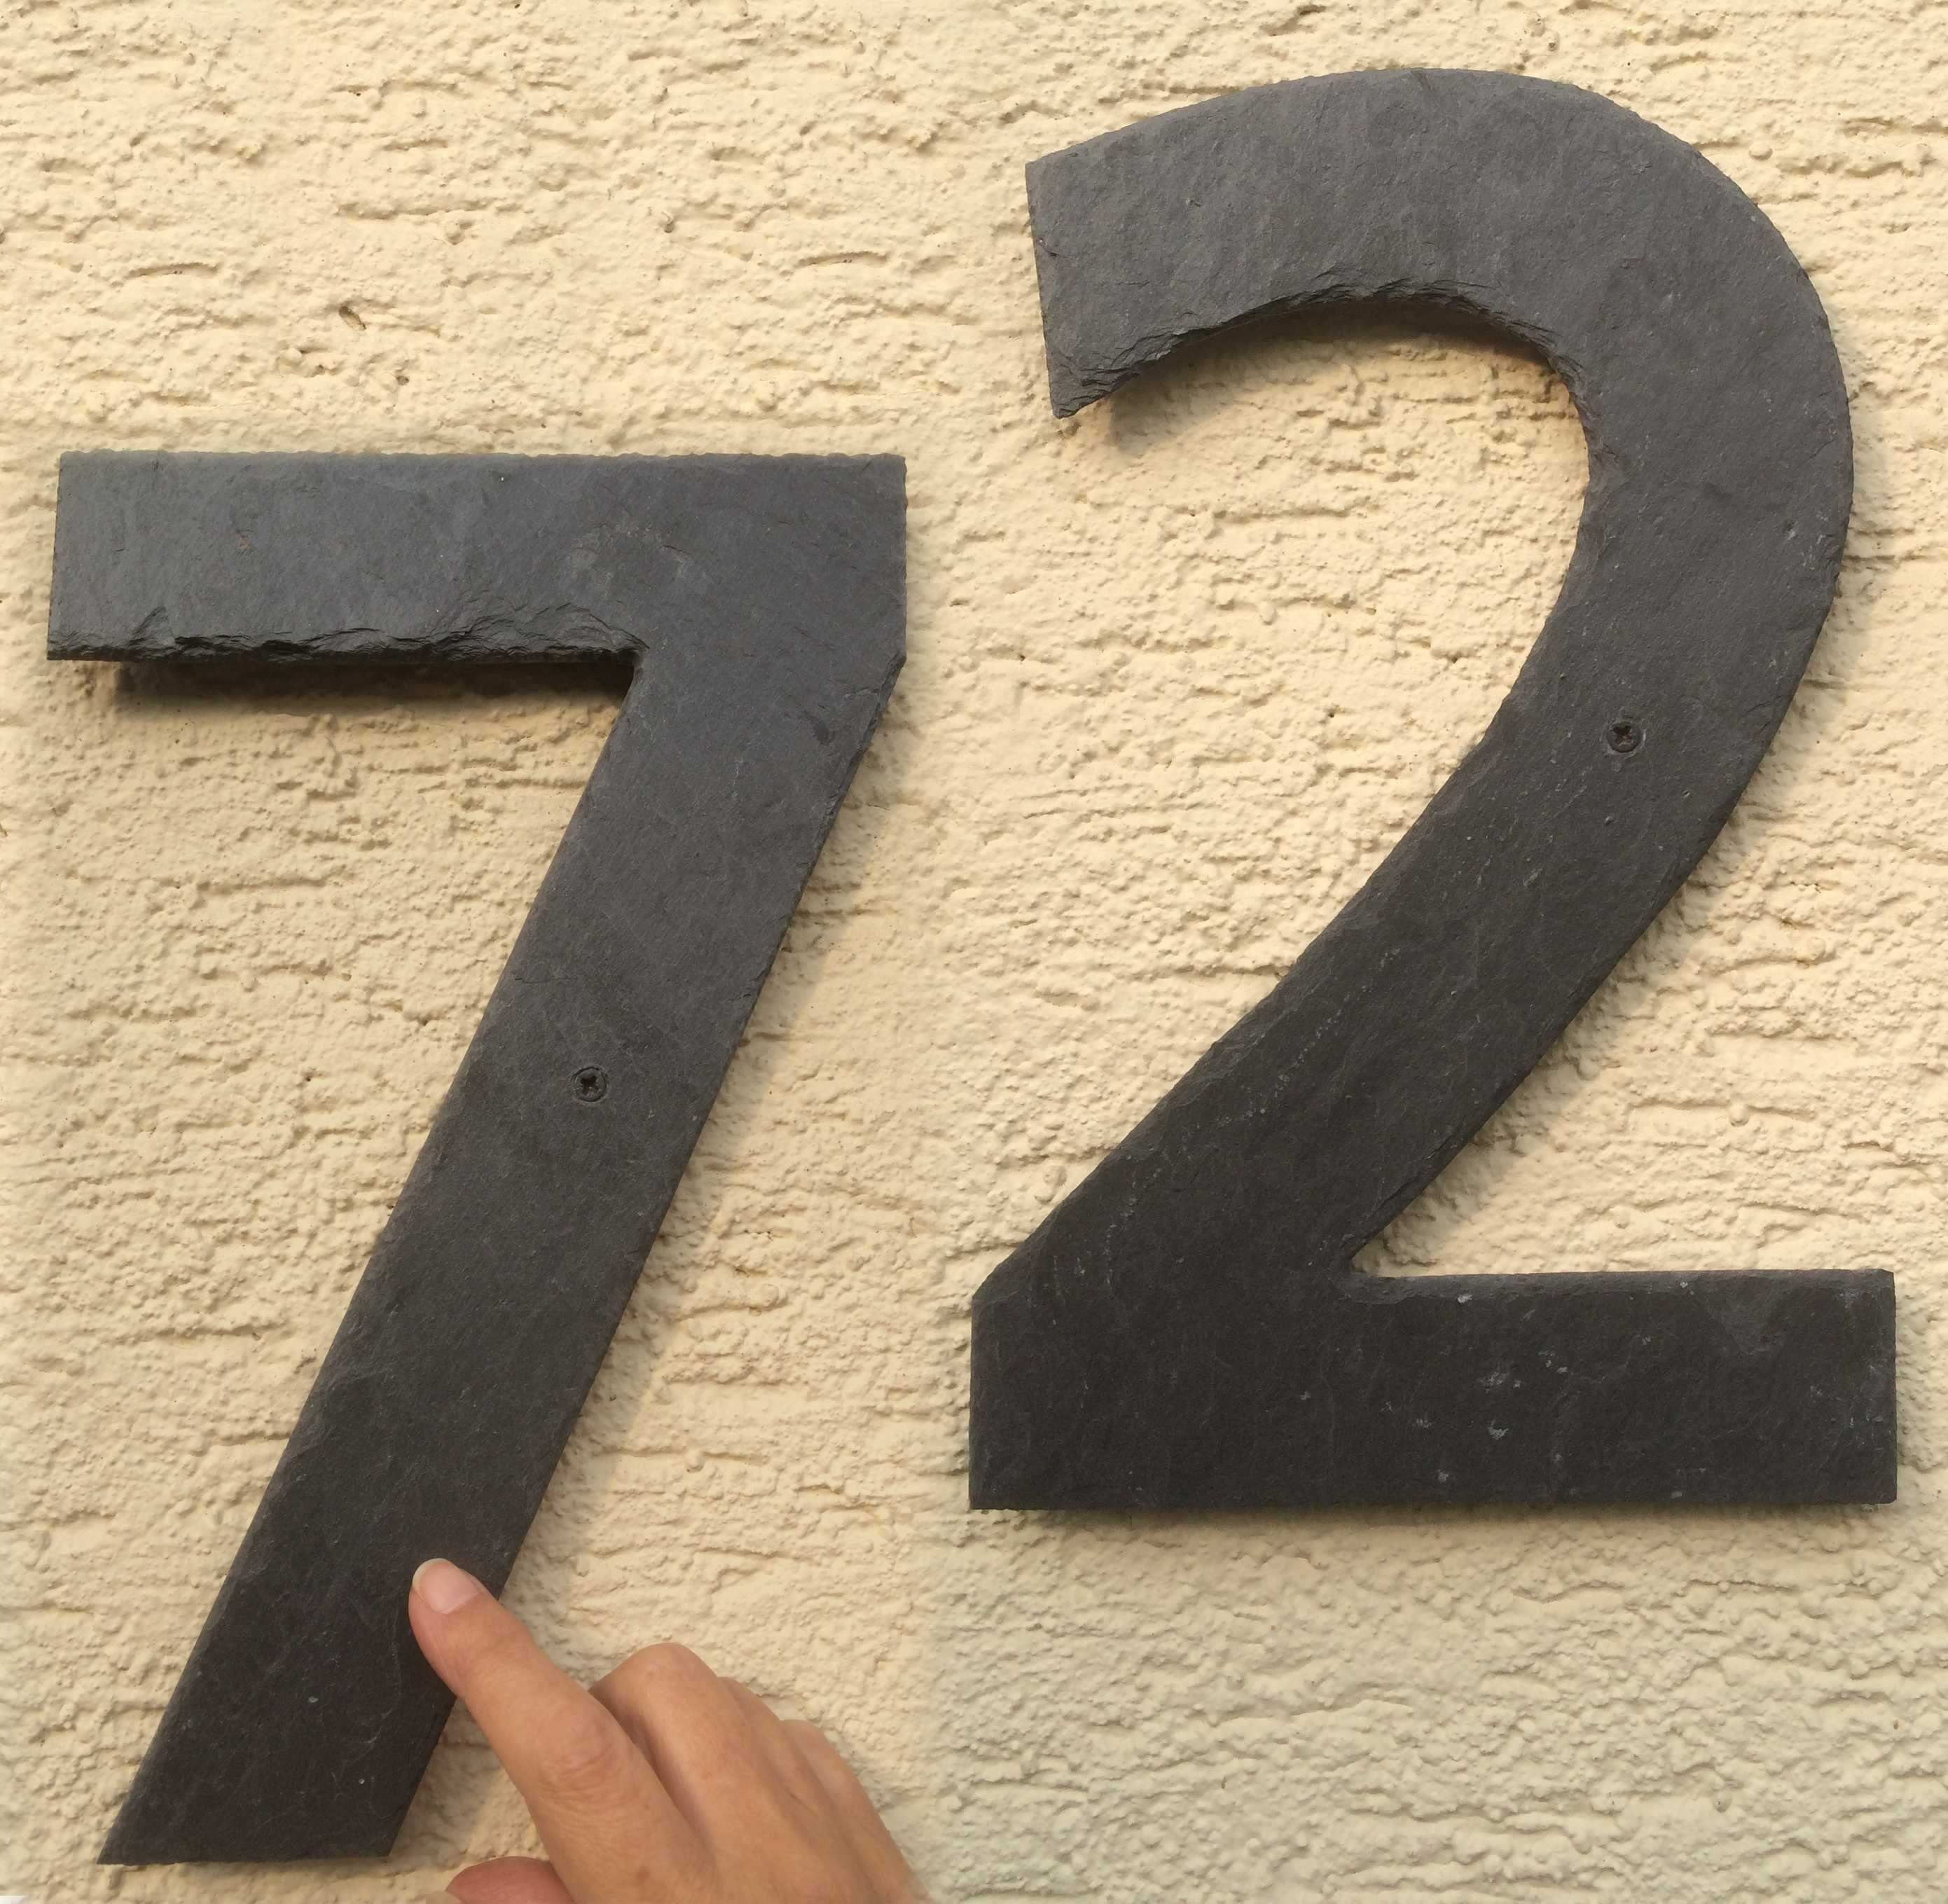 Grosse Hausnummern Liegen Im Trend Bei Schiefergalerie De Erhalten Sie Einzelne Hausnummern Bis Zu Einer Grosse Von 30 Cm Schiefer Grosse Hausnummern Hausnummern